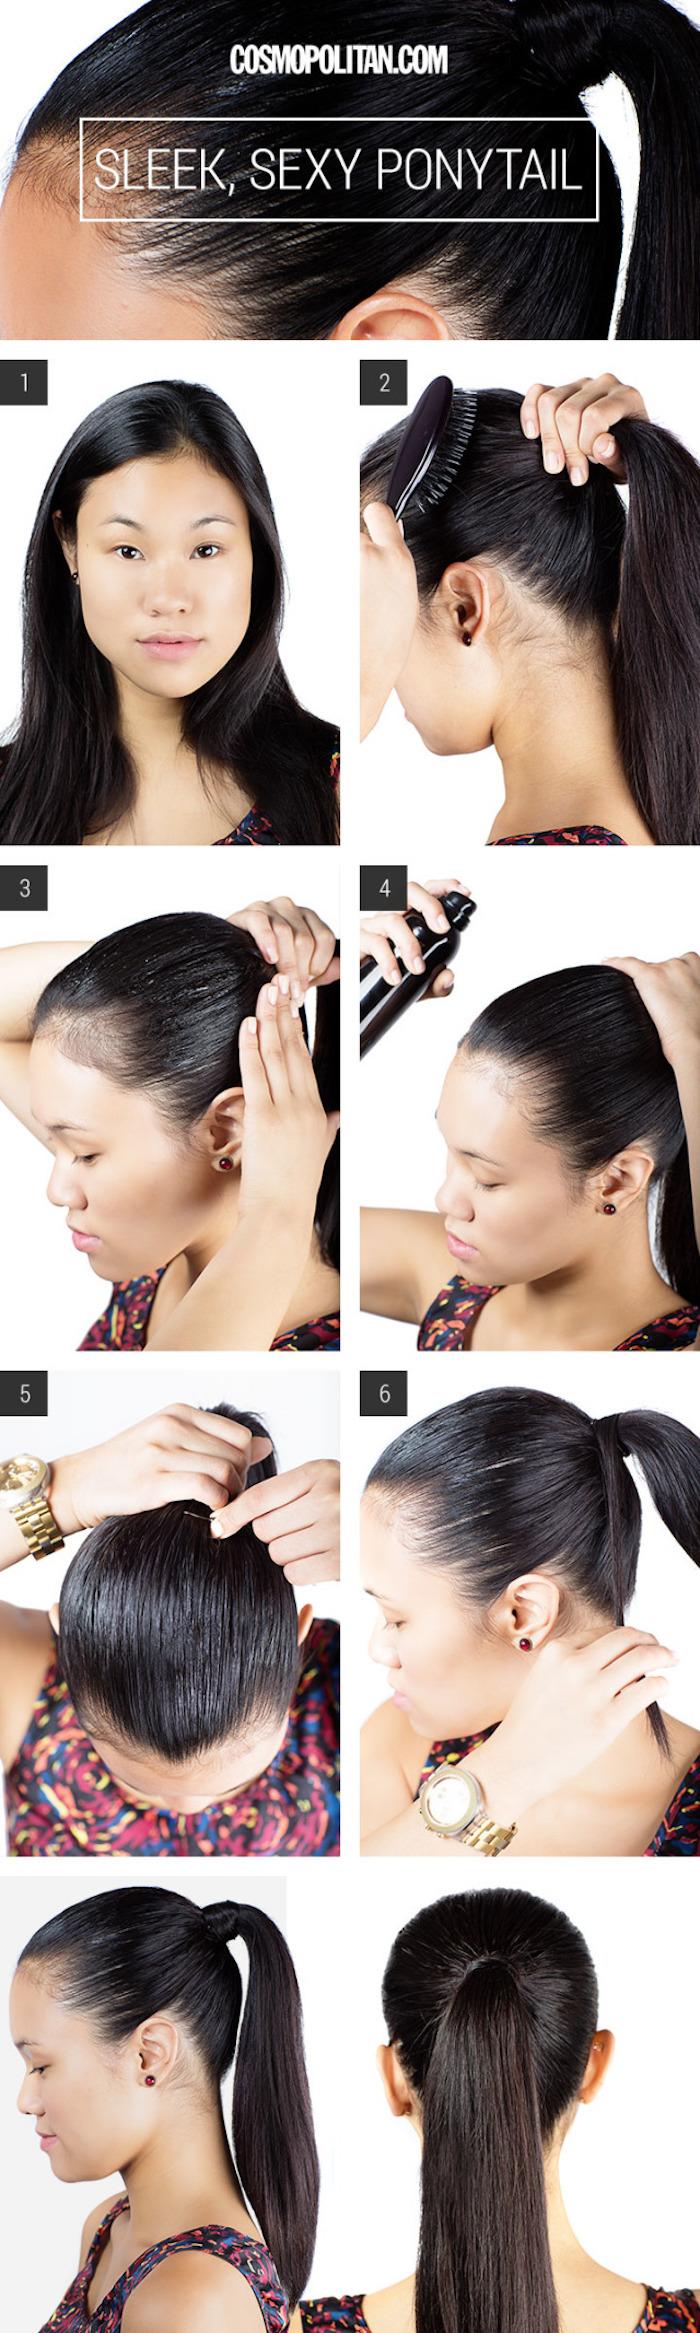 frisuren für lange haare, pferdeschwanz selber machen, alltagsfrisur